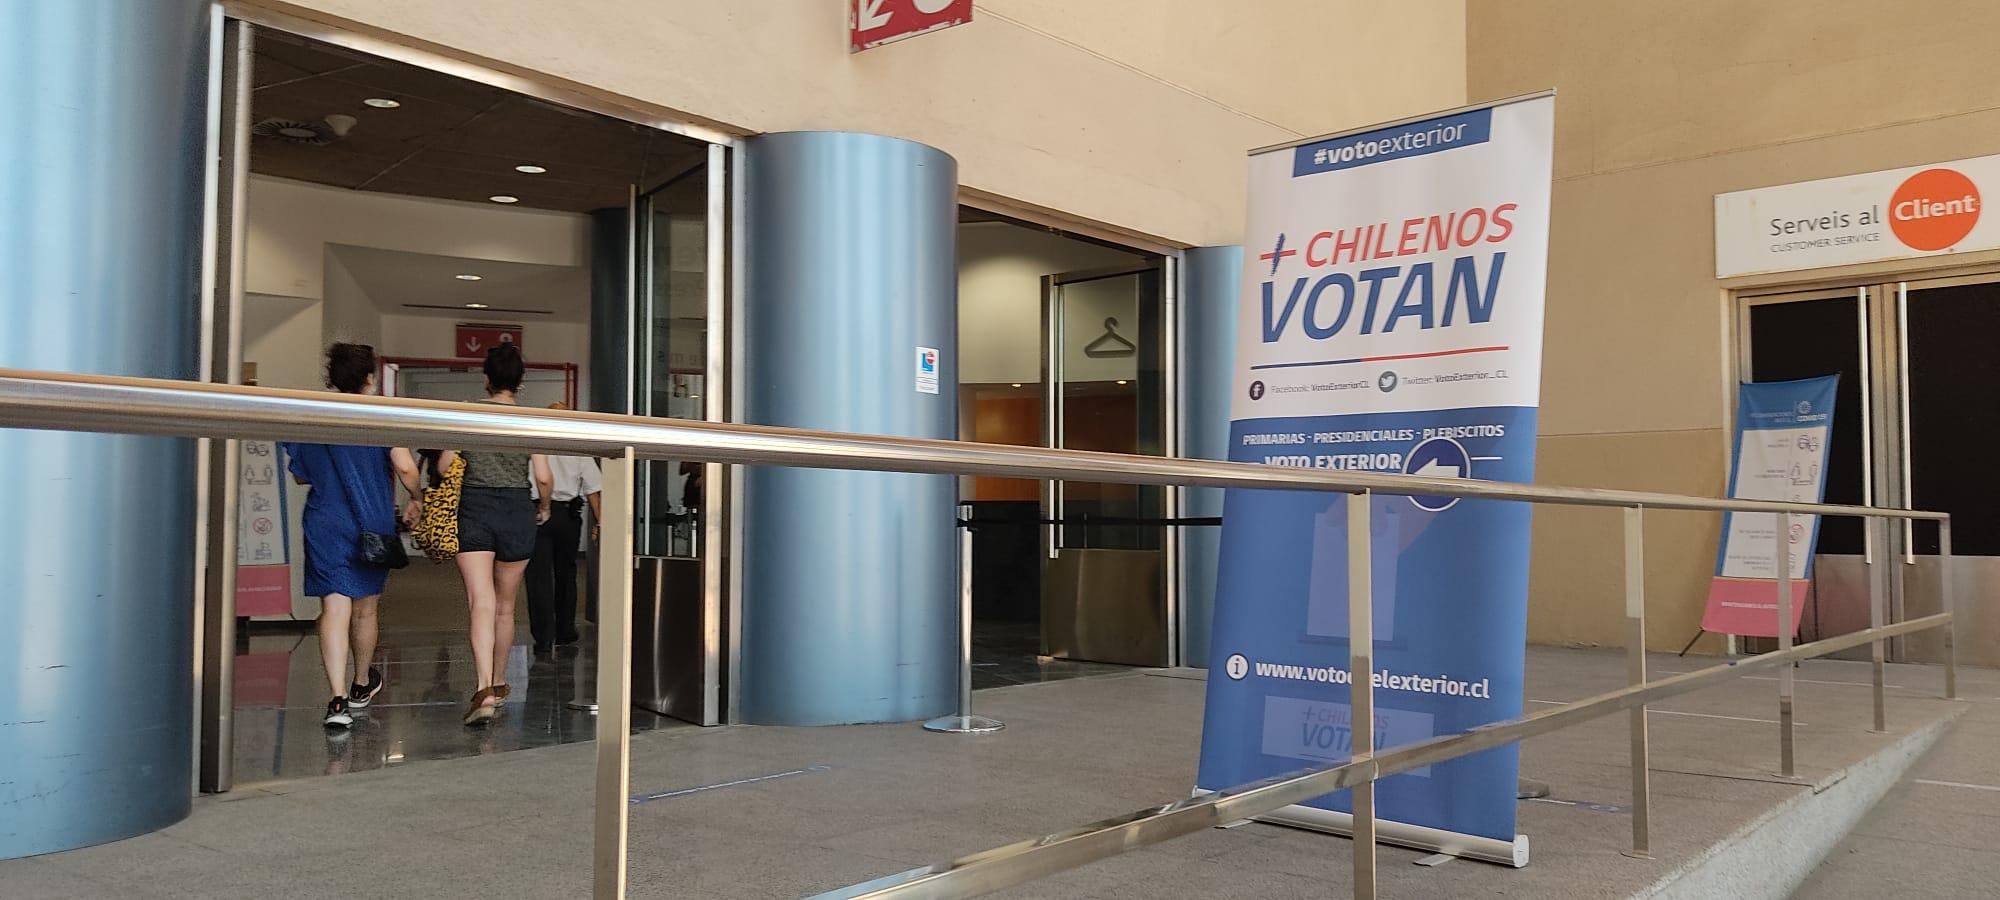 Pacto Apruebo Dignidad quintuplica votación de la derecha en primeras mesas escrutadas en el extranjero